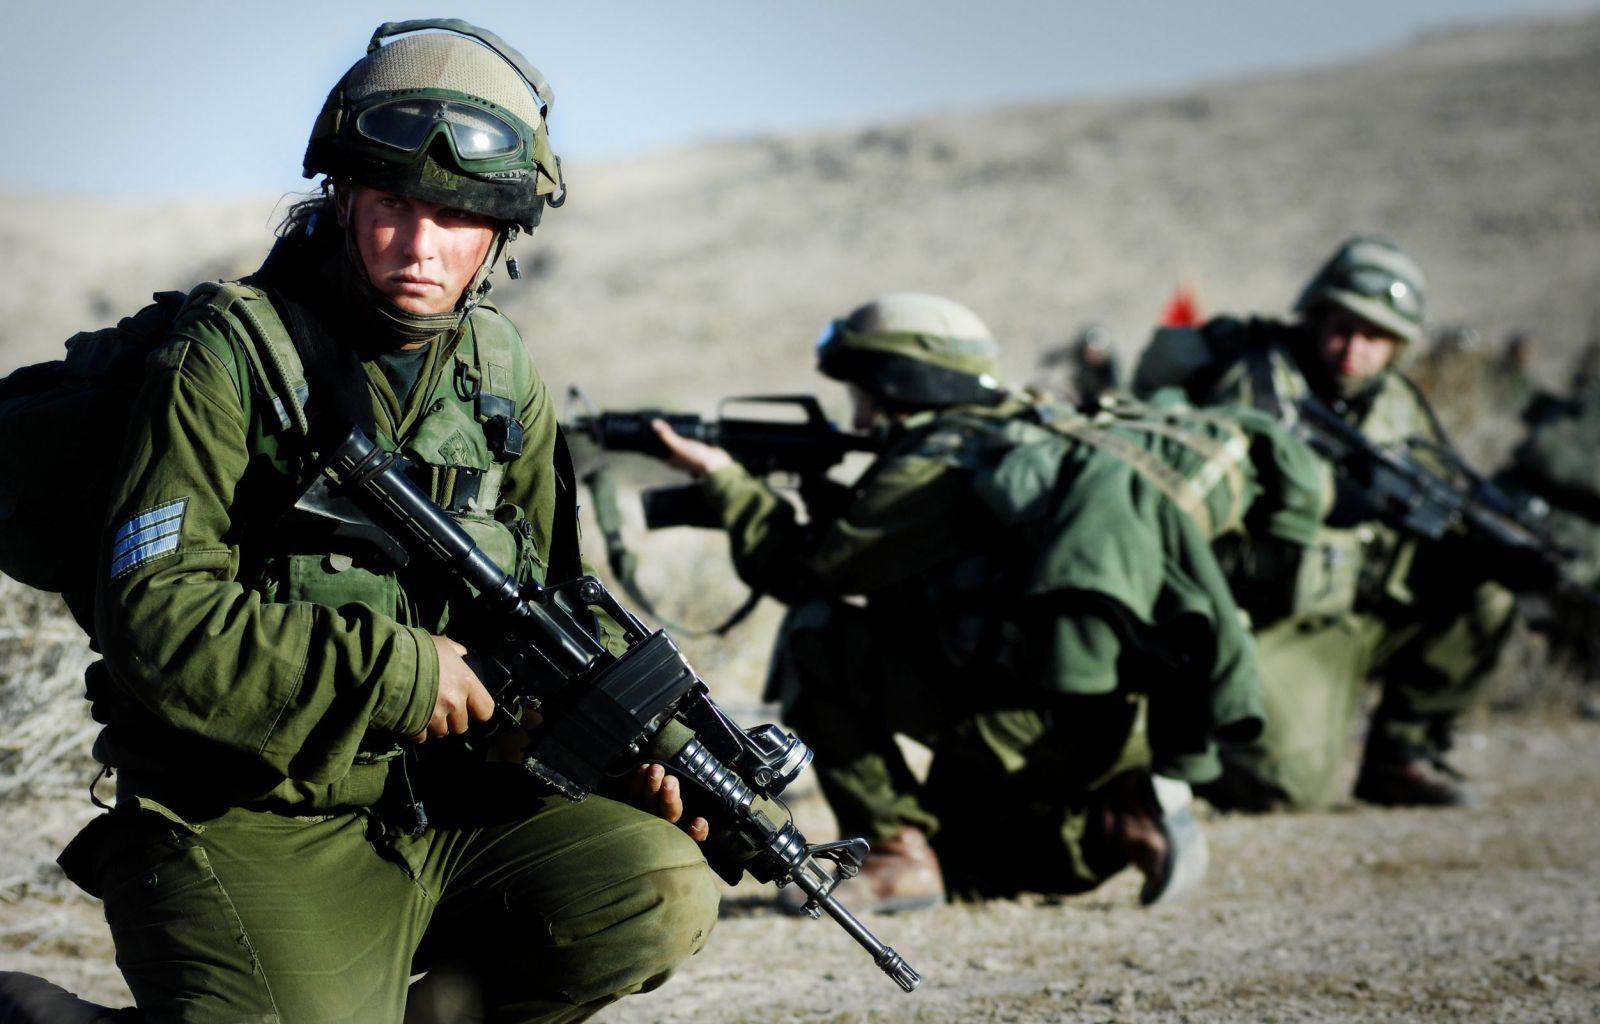 اعتقال فلسطينيين تجاوزا السياج الأمني بين غزة وإسرائيل